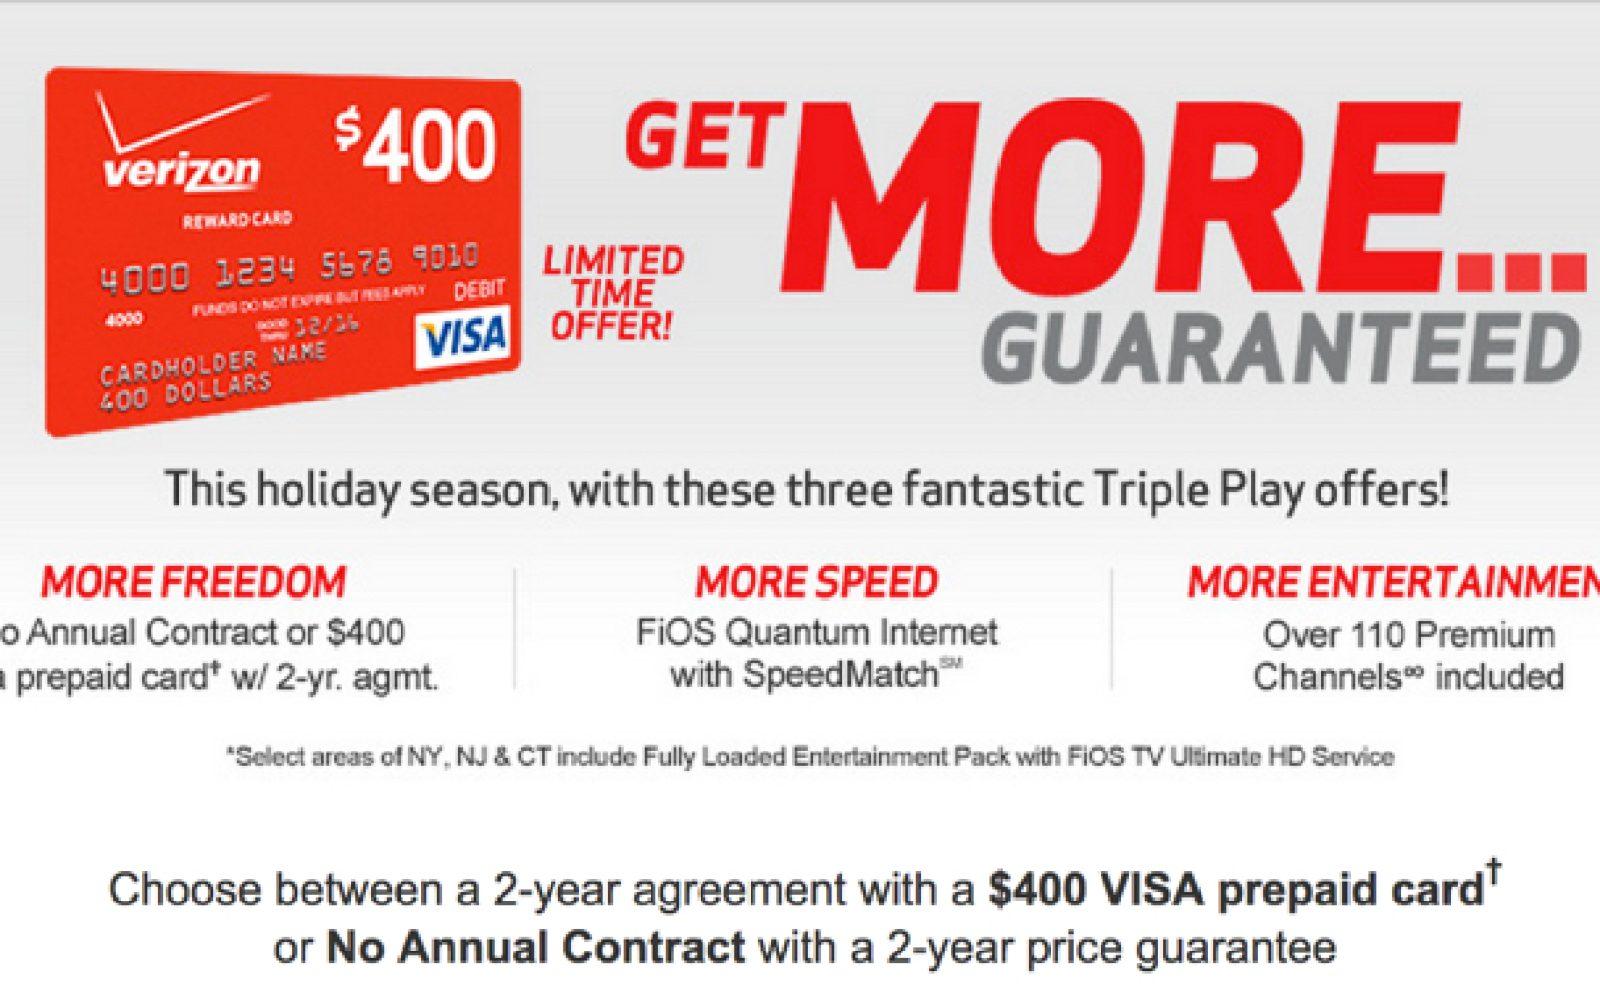 Verizon FIOS Triple Play + 2yrs  of premium channels + $400